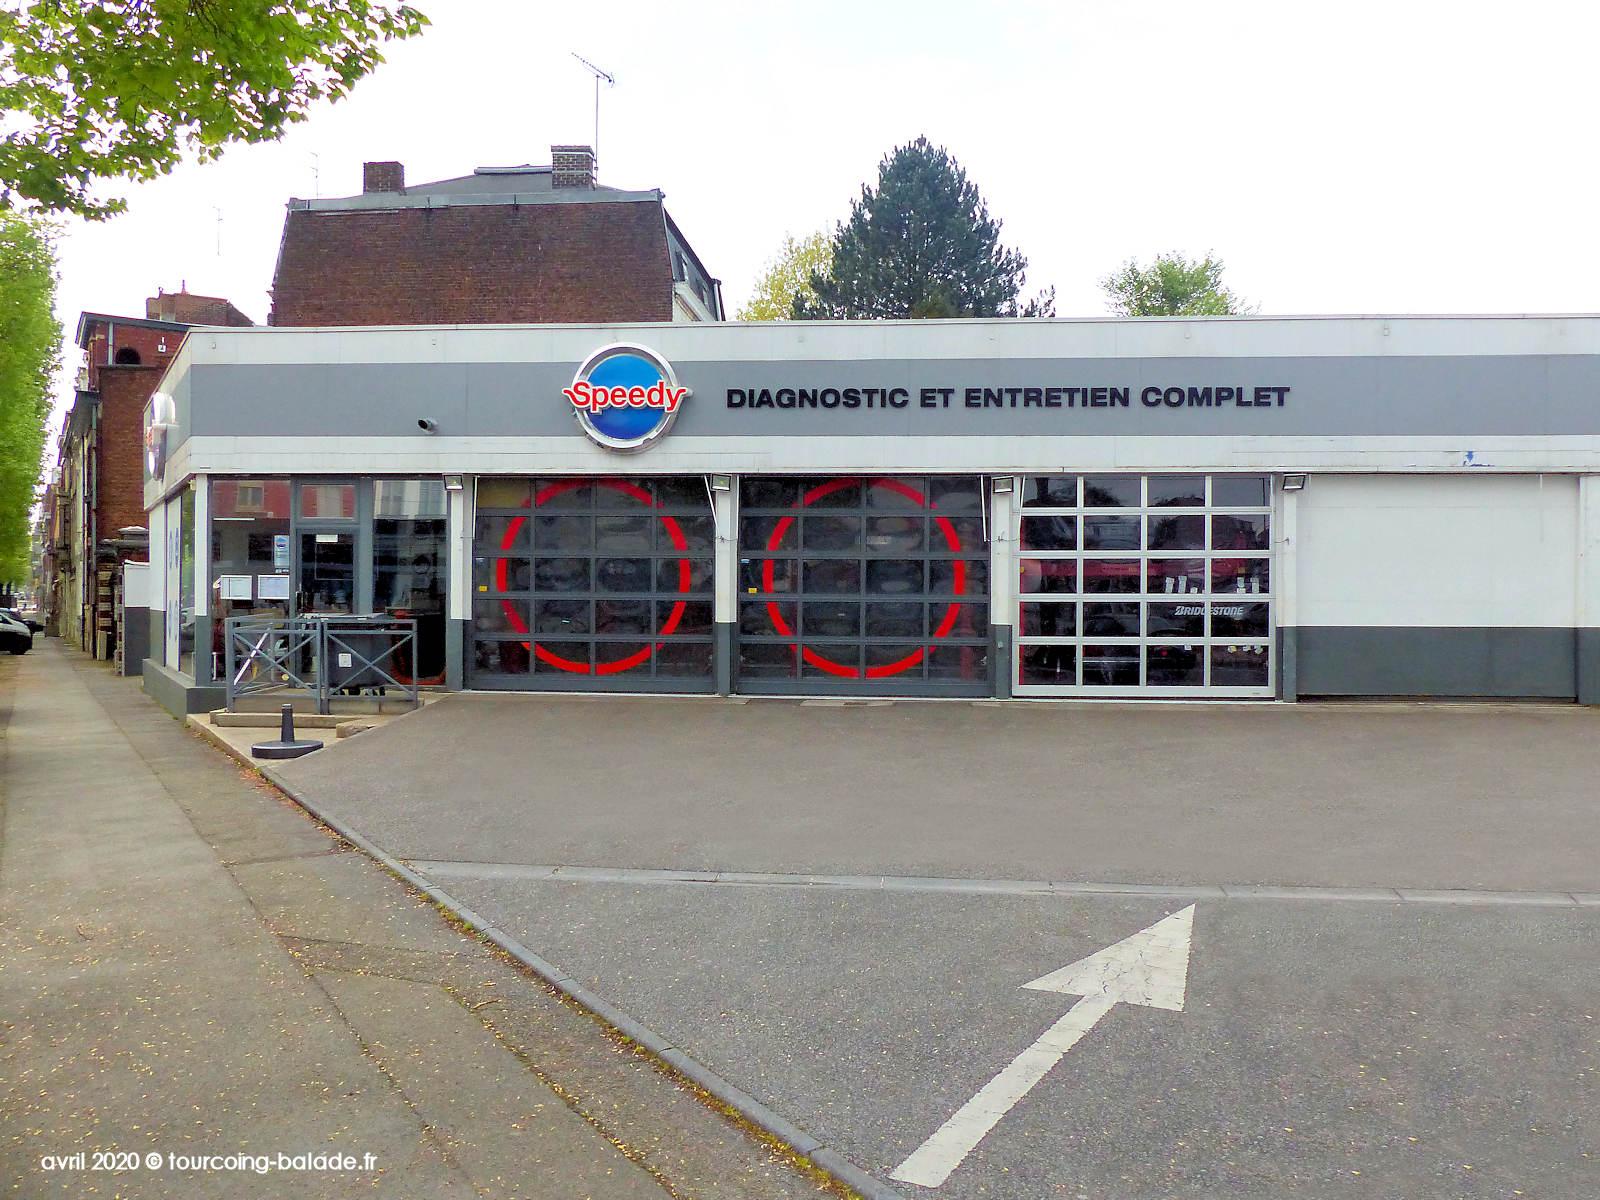 Garage Automobile Speedy, Tourcoing 2020.